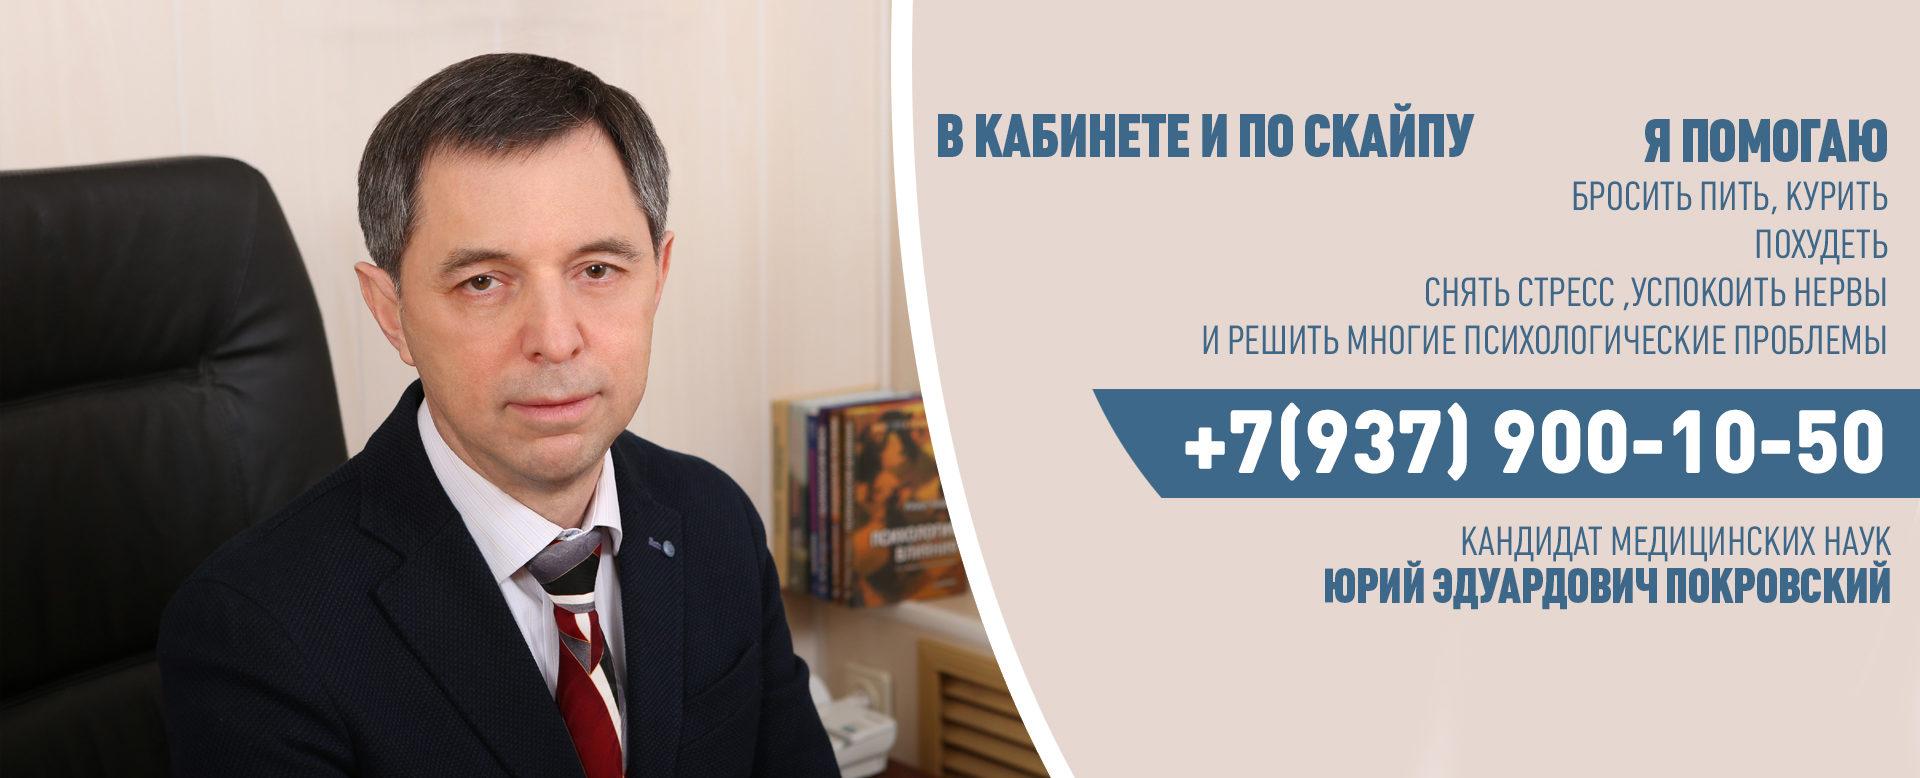 Кодирование от алкоголизма в астрахани адреса и цены матрона московская вывод из алкоголизма